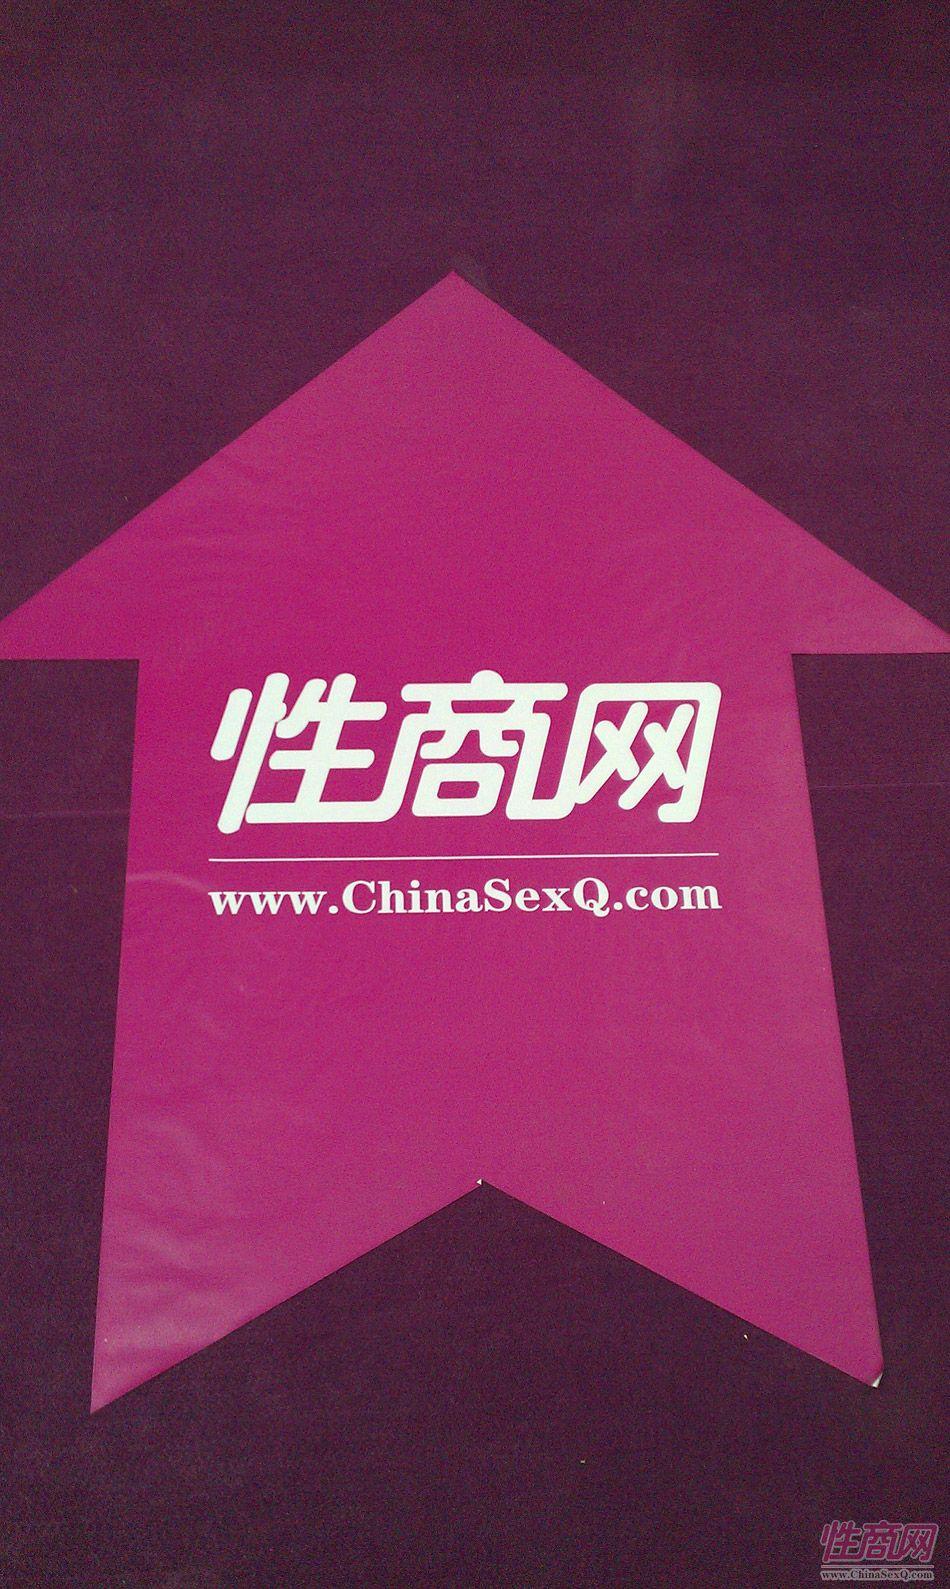 2015上海国际成人展开幕引全球性商关注图片29